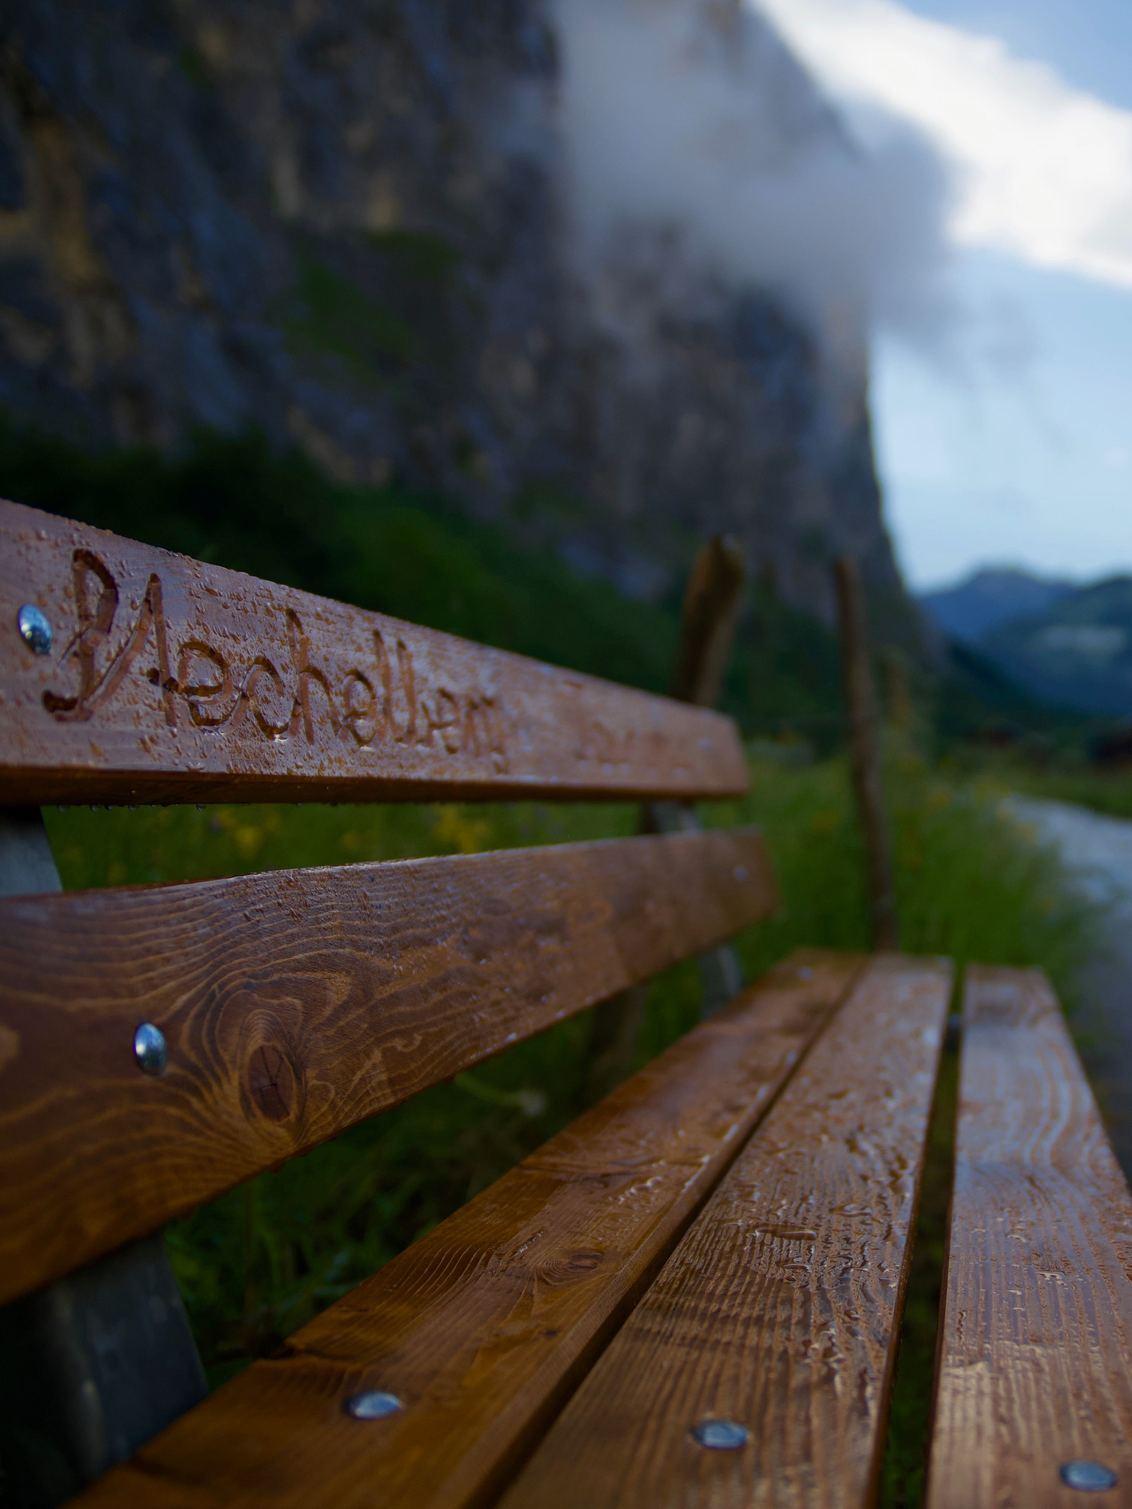 Stechelberg Lauterbrunnen in Zwitserland - - - foto door paulcelus op 12-08-2019 - deze foto bevat: groen, lucht, wolken, natuur, druppel, vakantie, landschap, mist, bergen